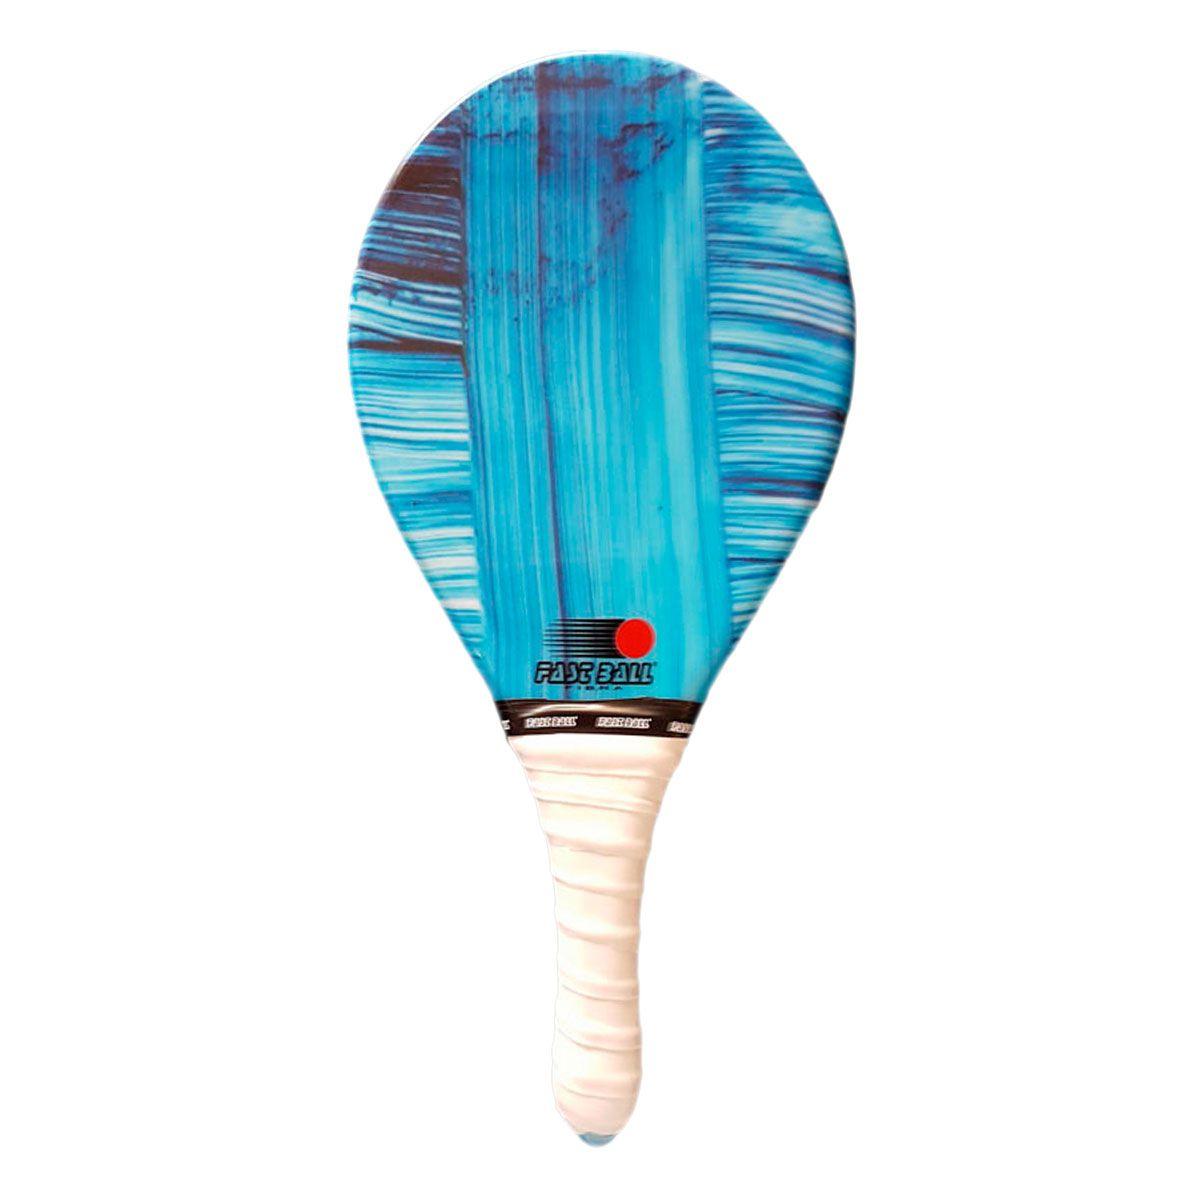 Raquete de Frescobol de Fibra com Estampa Colorida